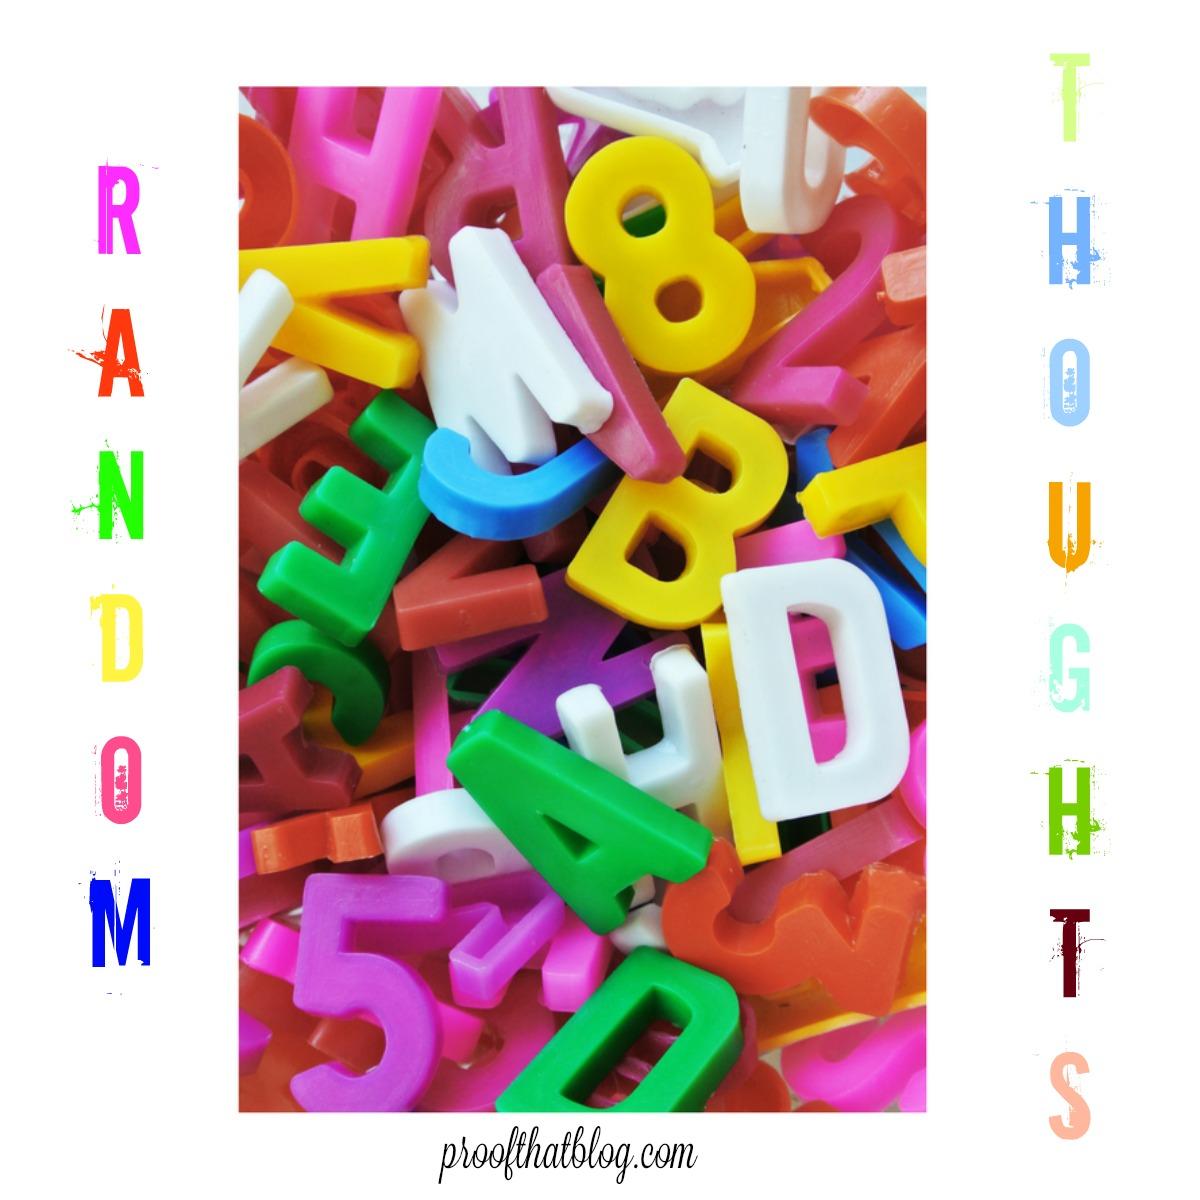 RandomThoughts